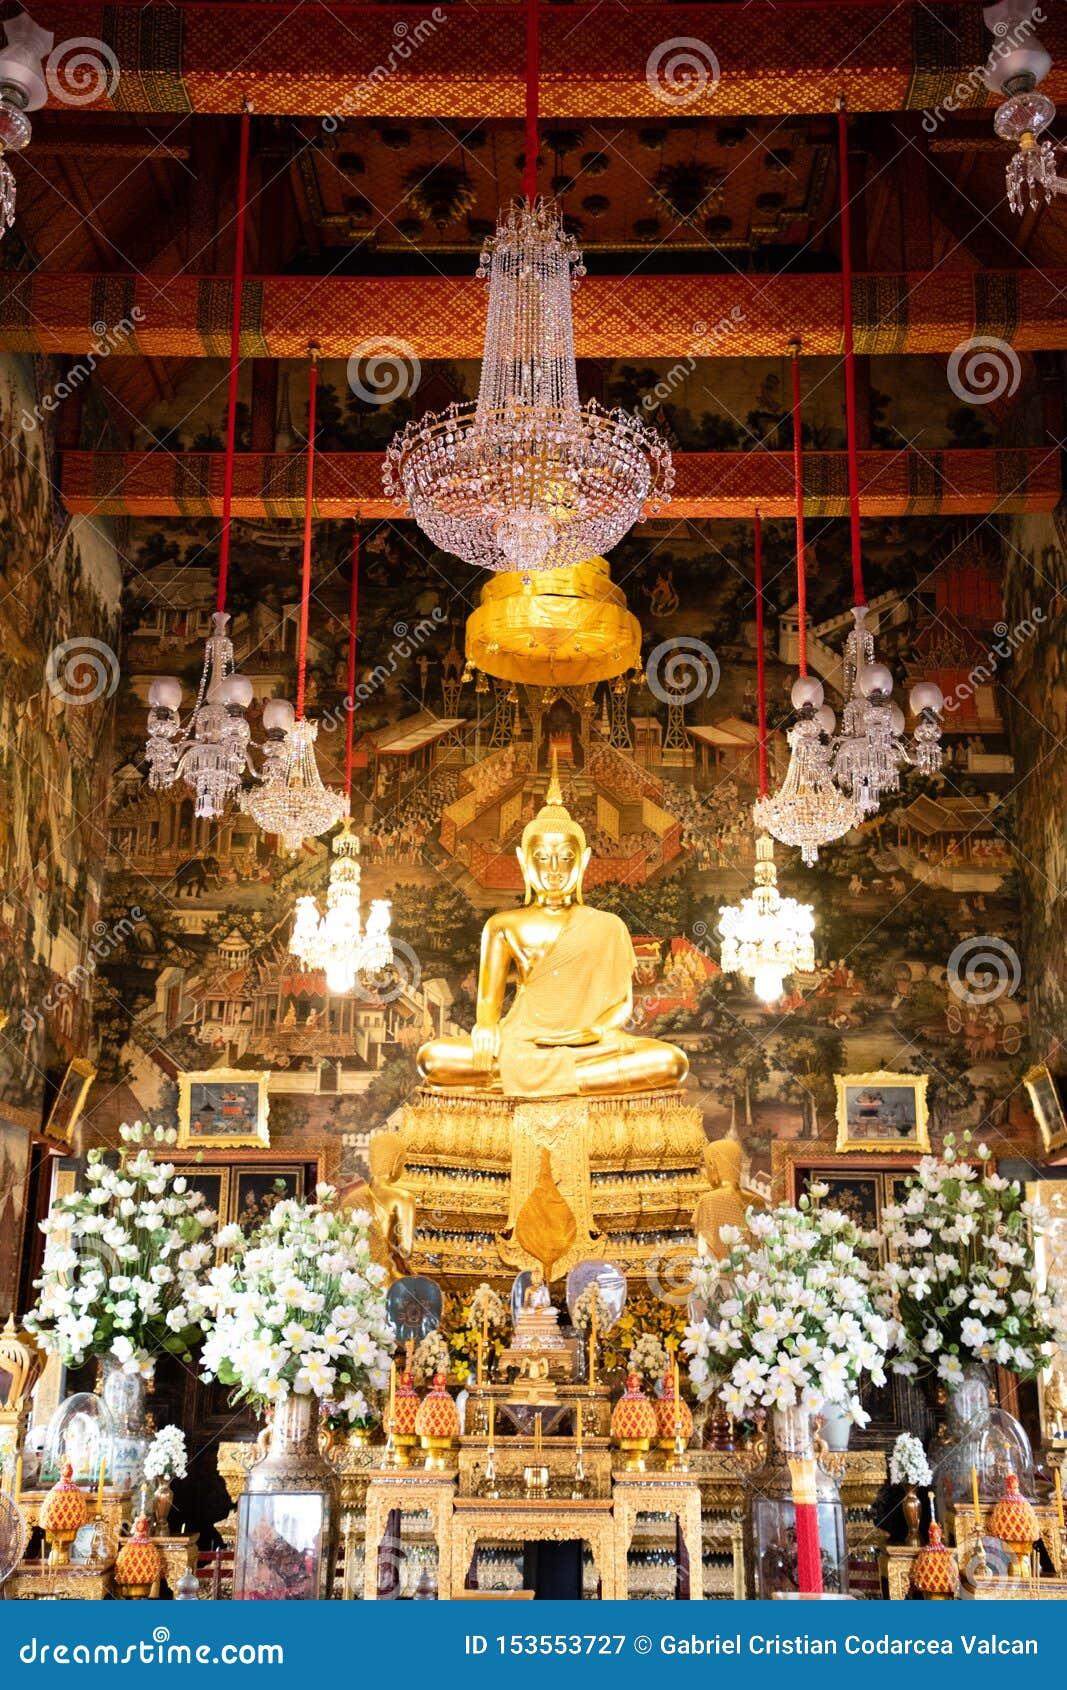 20 novembre 2018 - Bangkok THAÏLANDE - grand Bouddha d or entouré par les orchidées blanches dans le temple thaïlandais